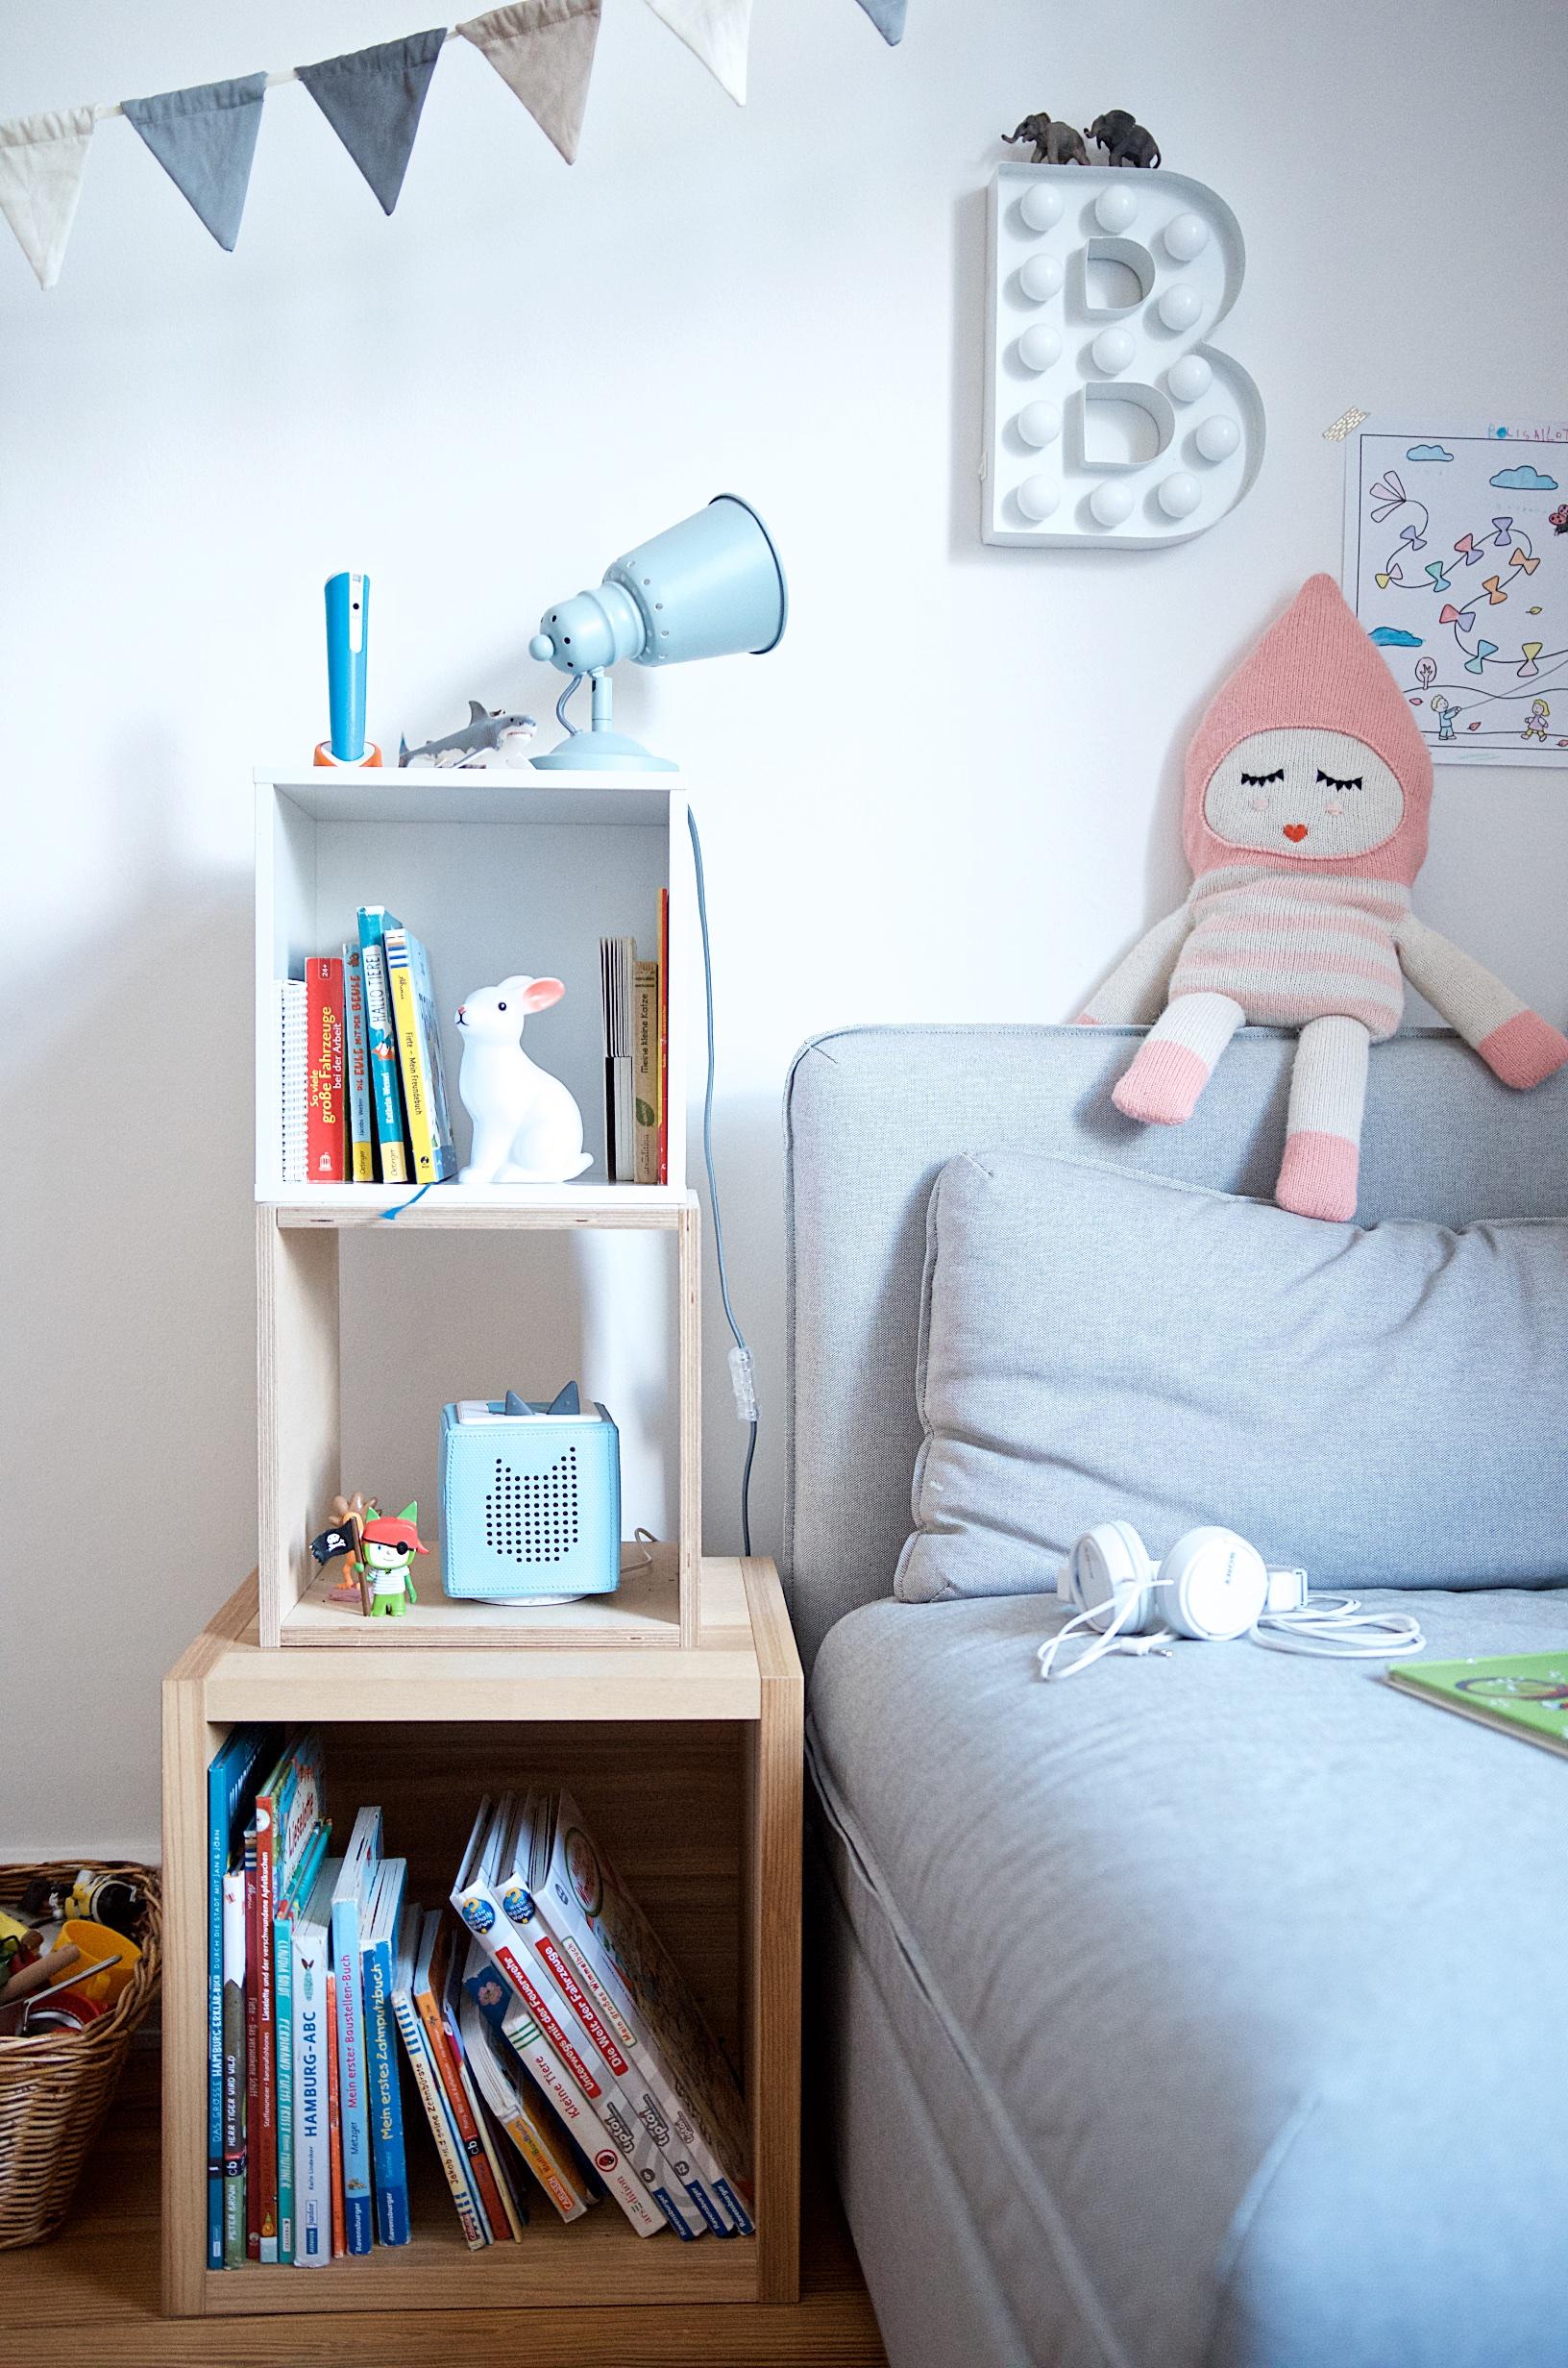 Bücher, ein Tiptoi und die Tonie Box - Kuschel- und Leseecke im Kinderzimmer